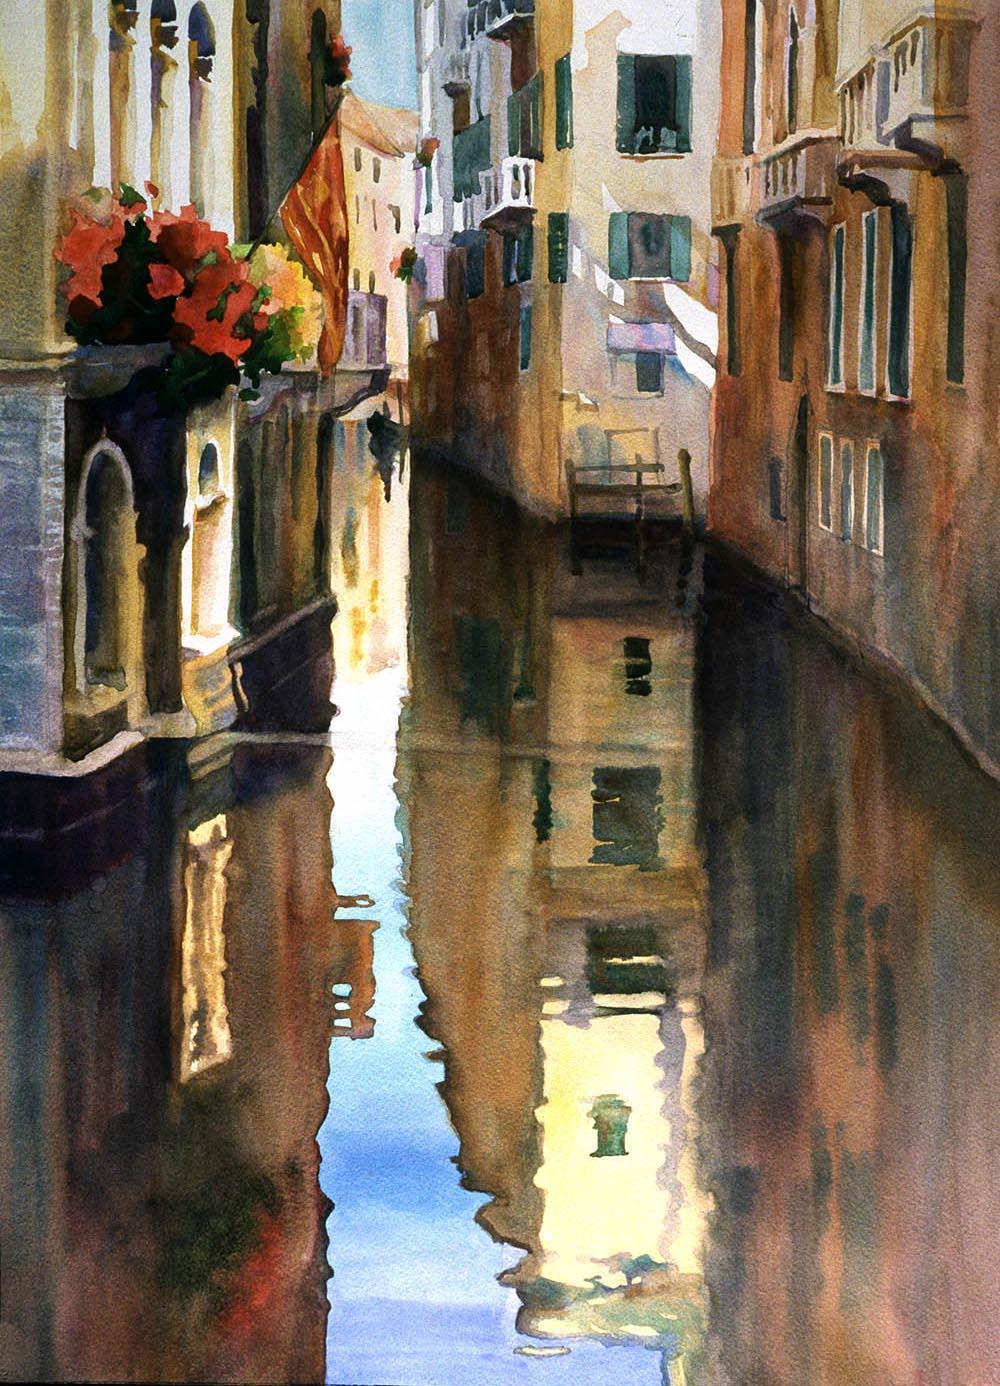 Rio Menuo de la Verona, Venice